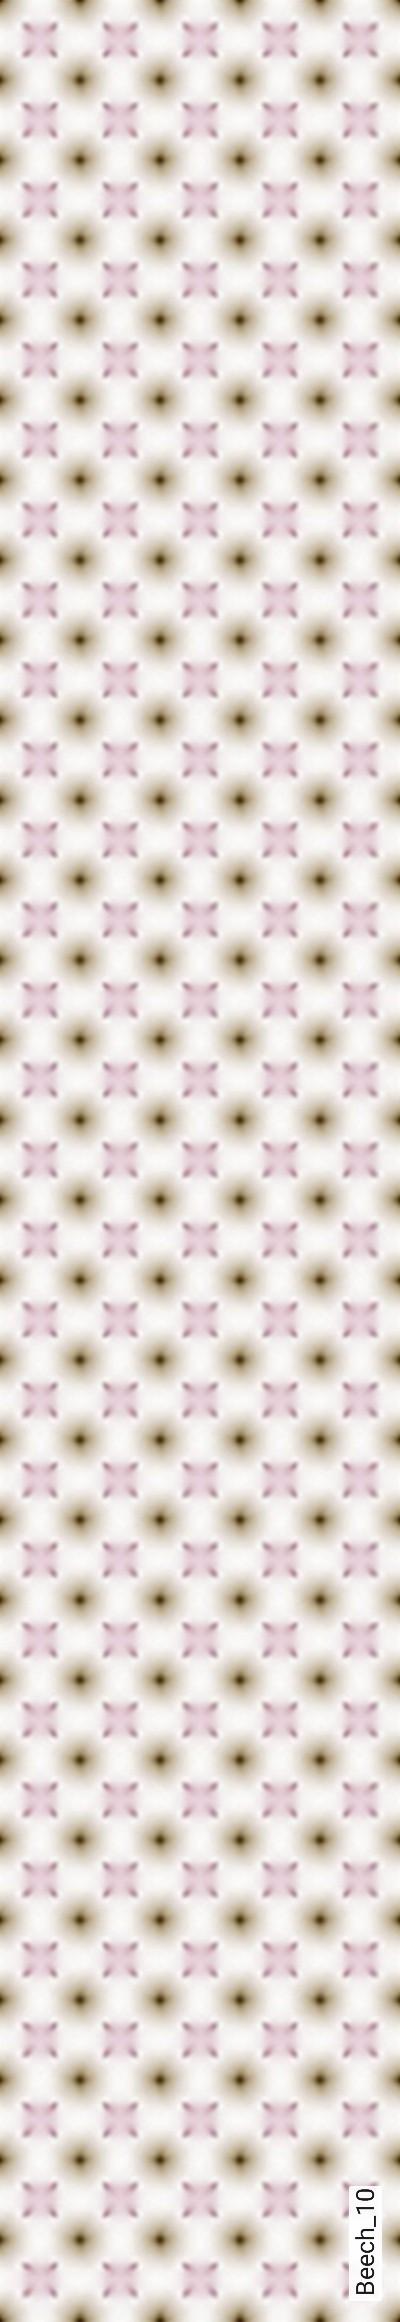 Beech_10-Formen-Moderne-Muster-Rot-Braun-Weiß